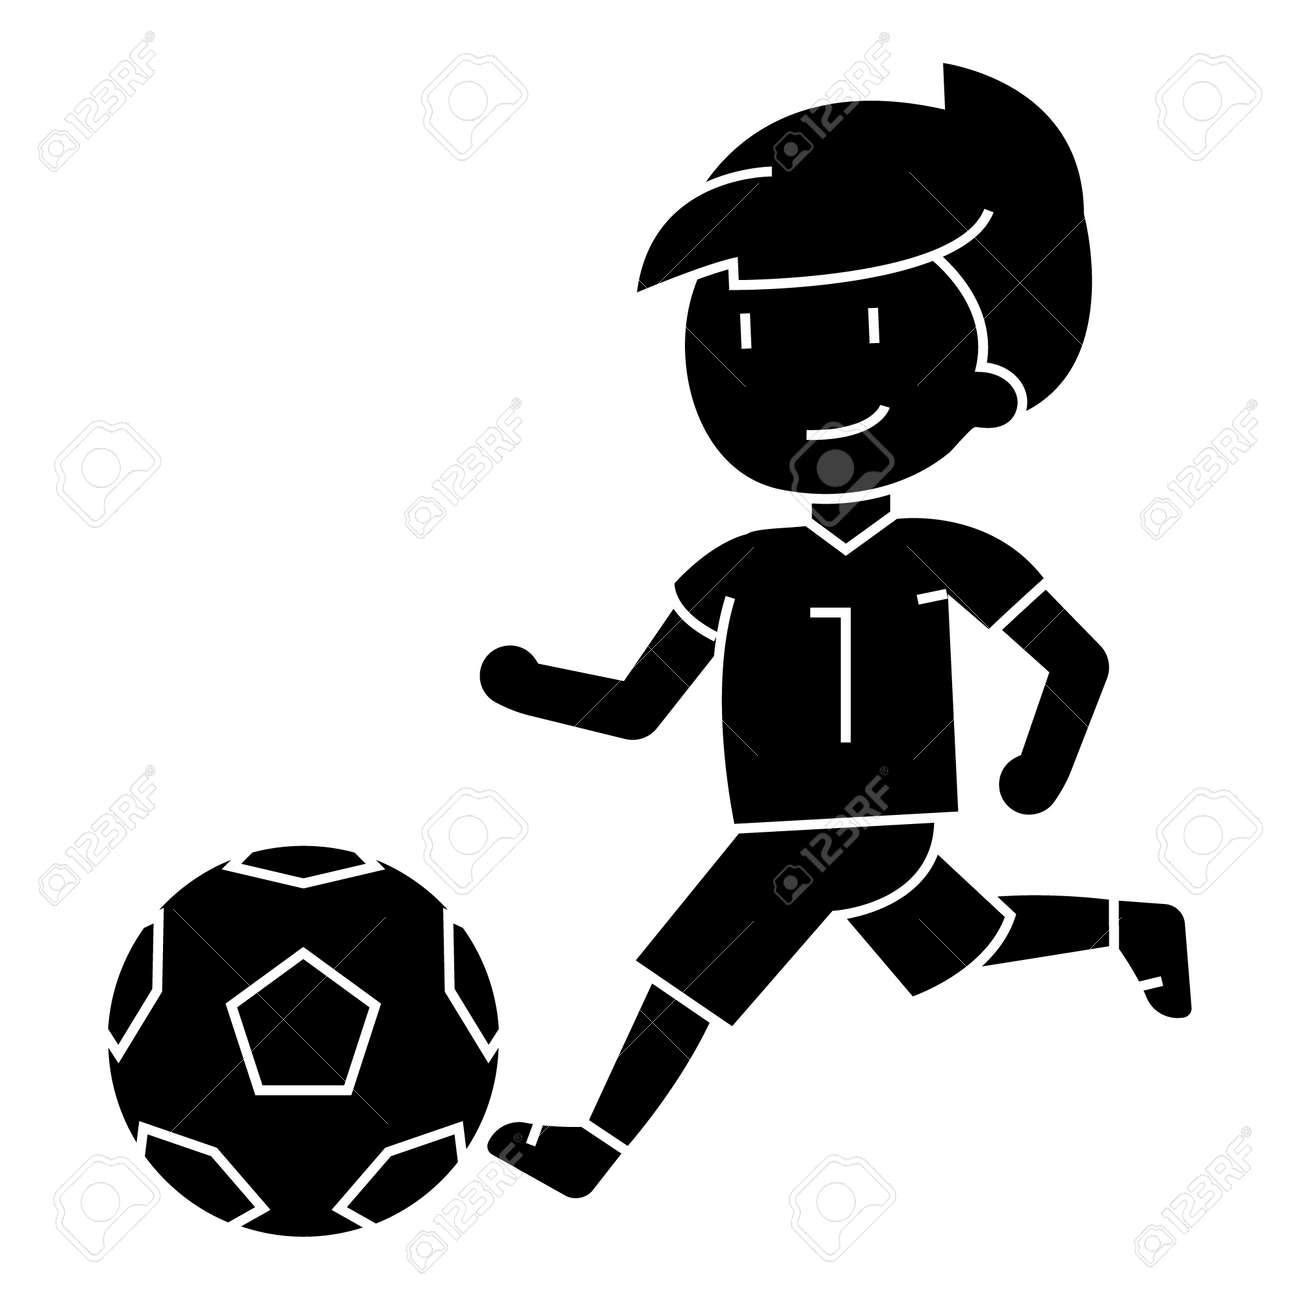 Nino Jugando Futbol Icono Ilustraciones Vectoriales Clip Art